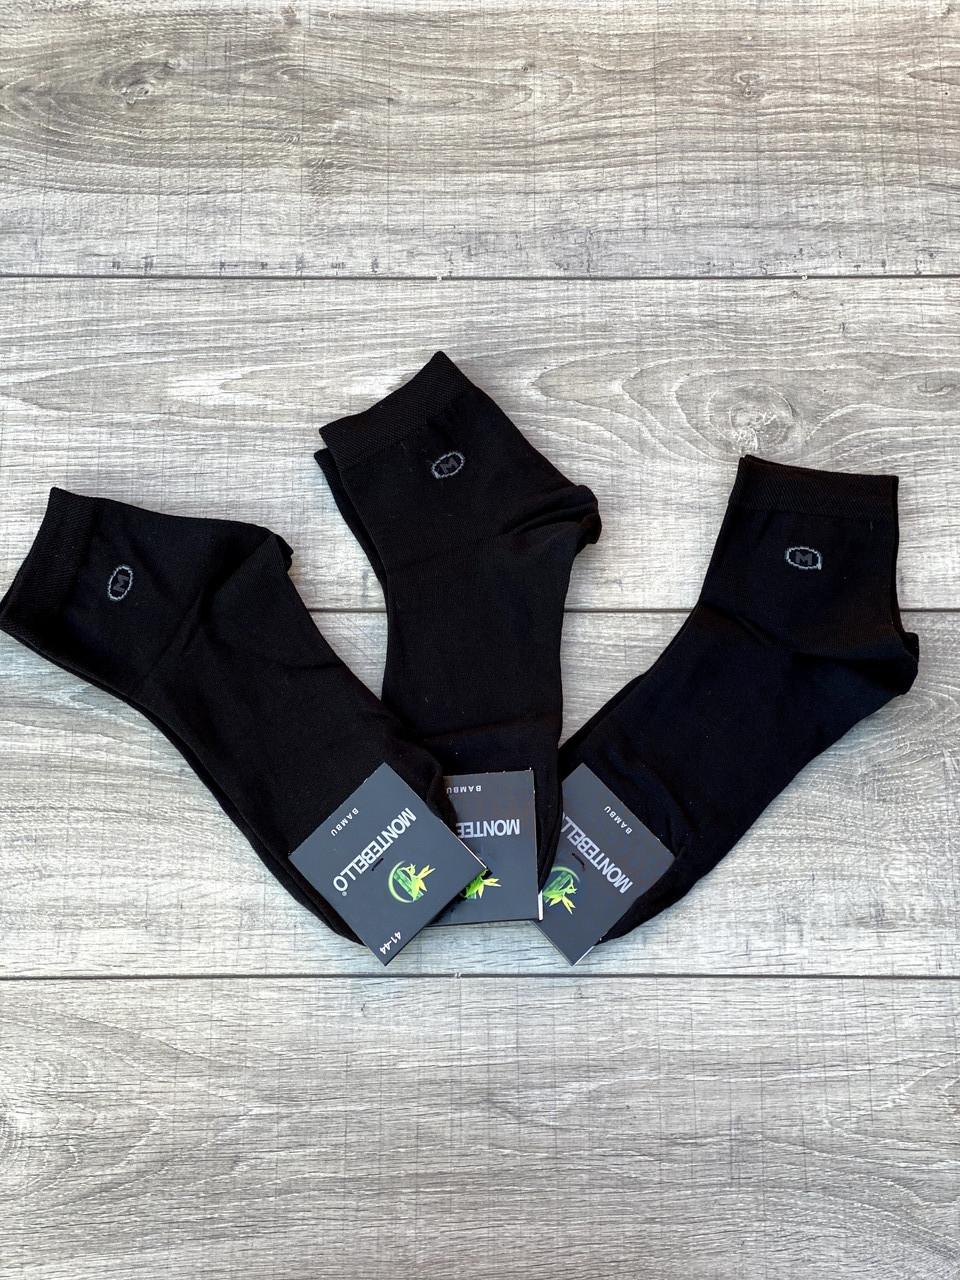 Мужские носки Montebello из хлопка 200 нитей с буквой М бесшовные 41-44 12 шт в уп черные